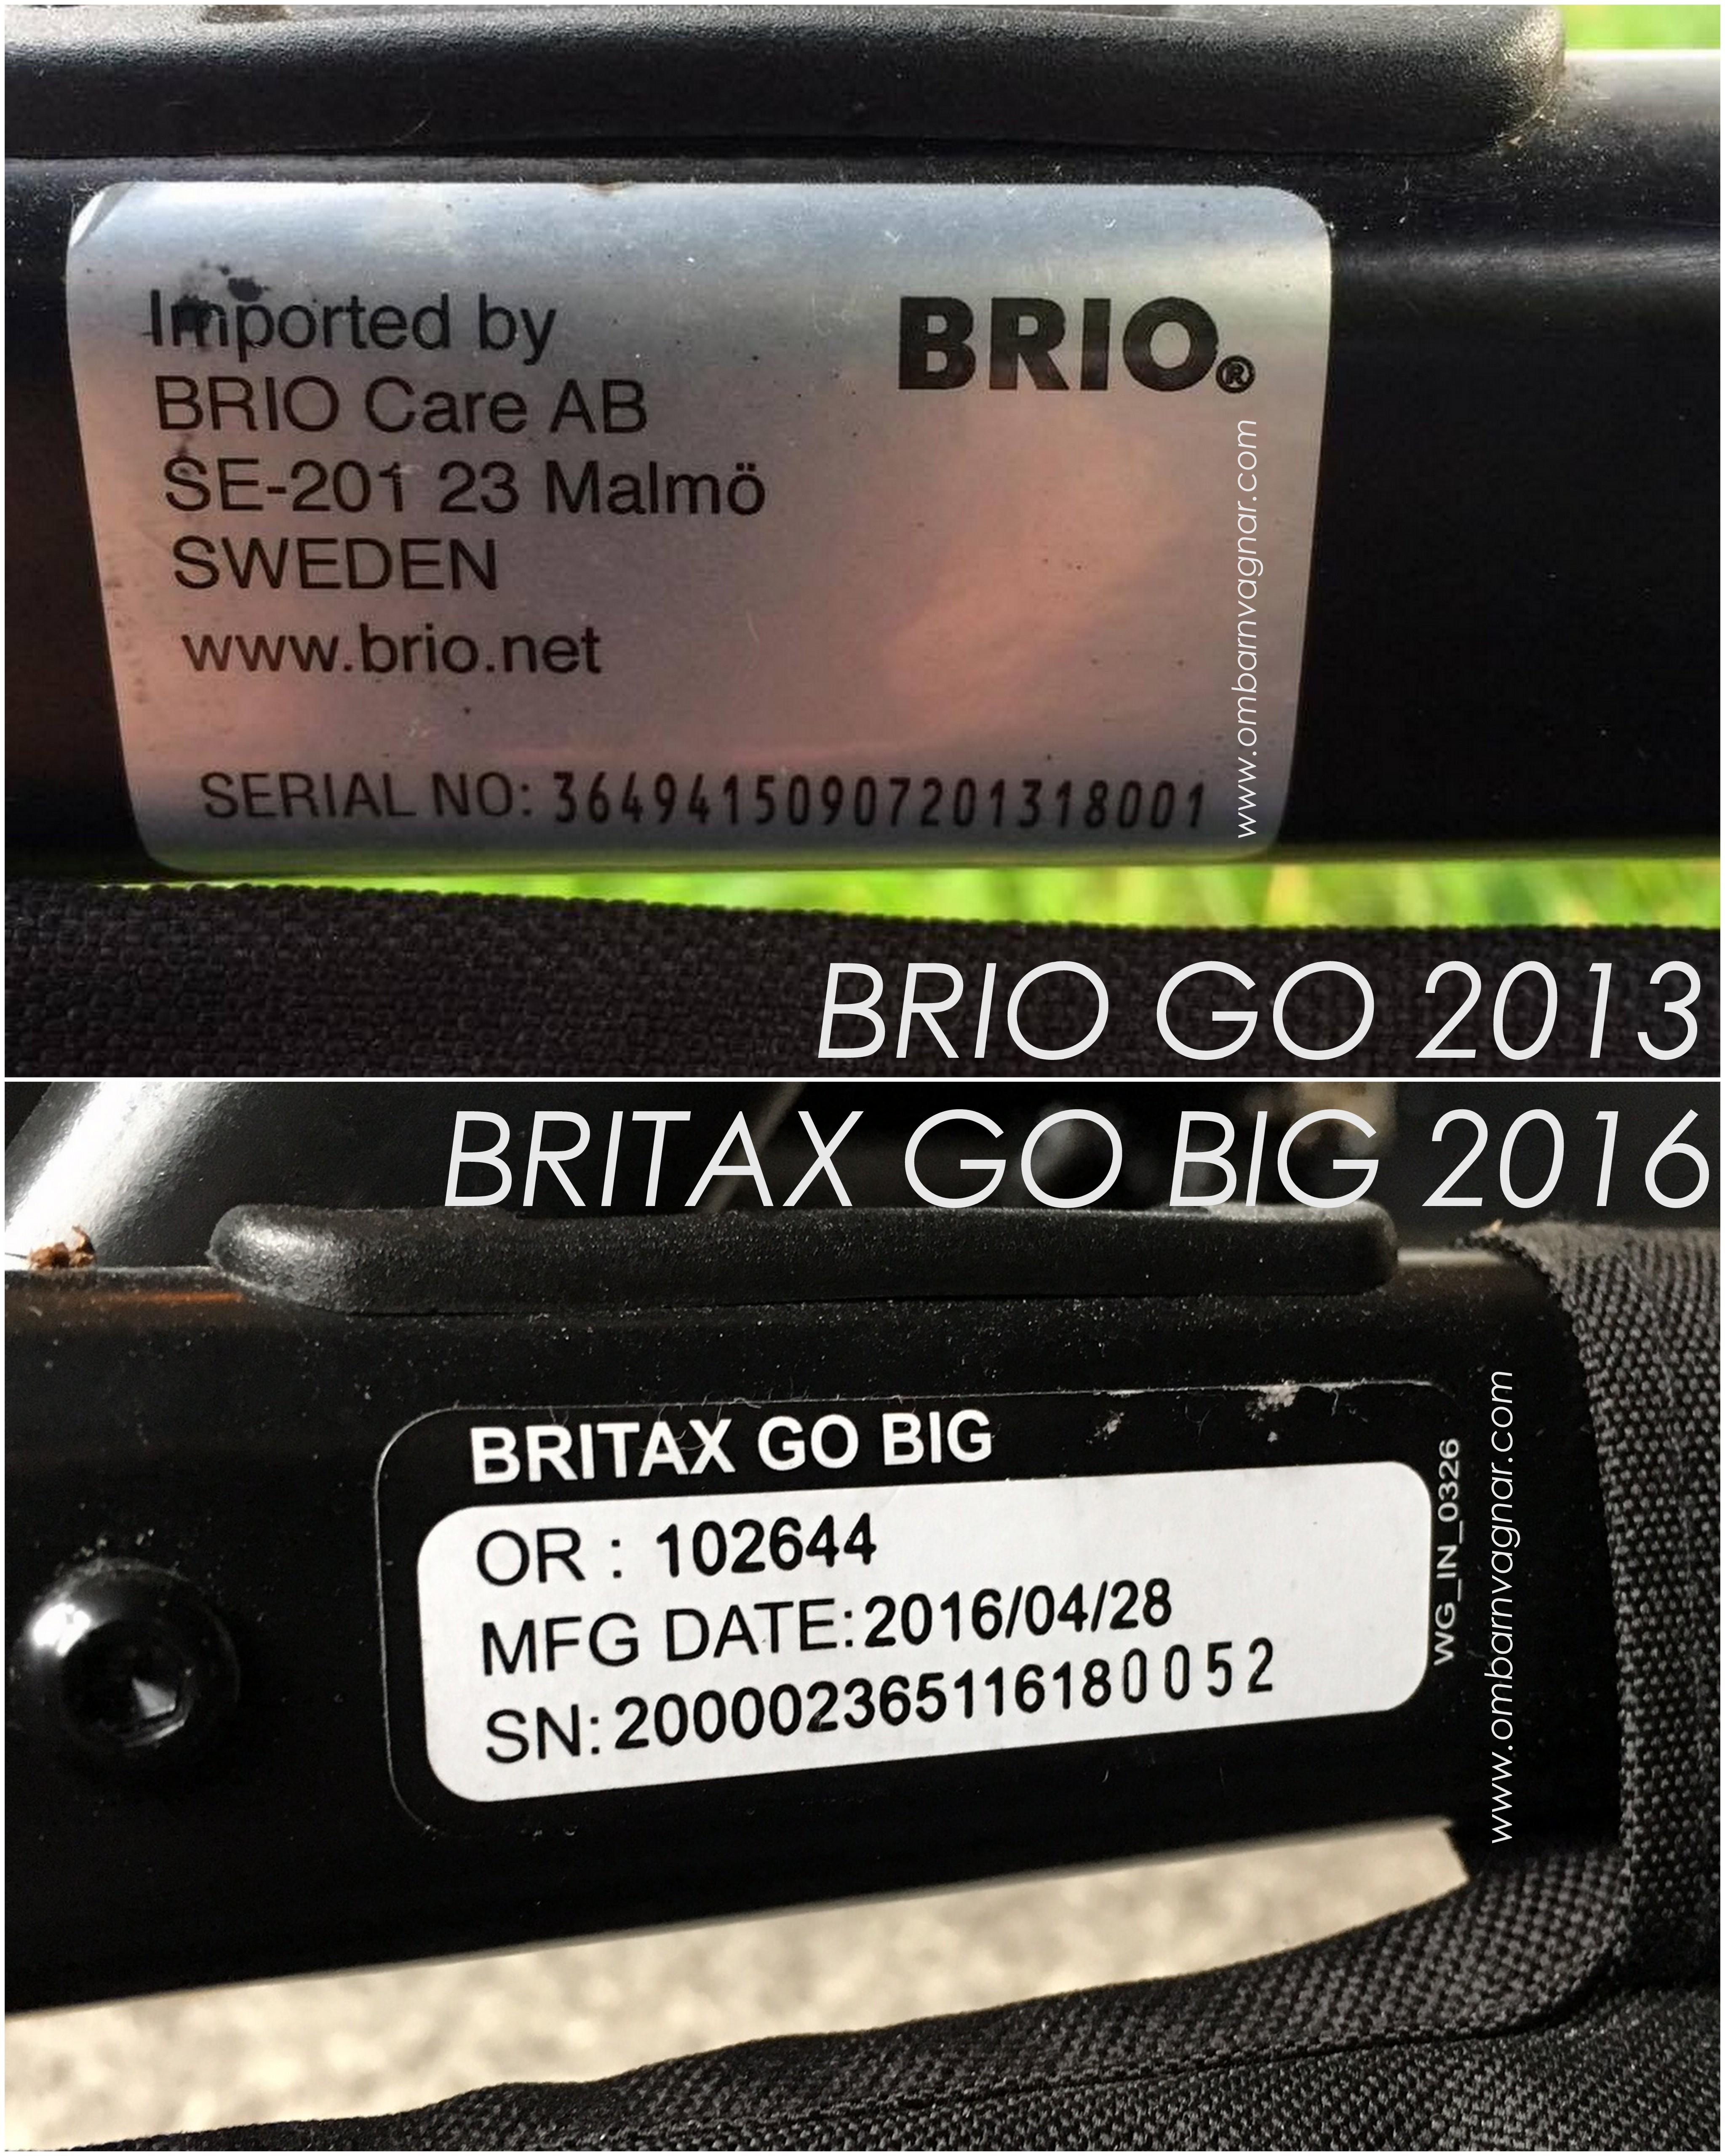 Brio Go och Britax Go Big se årsmodell